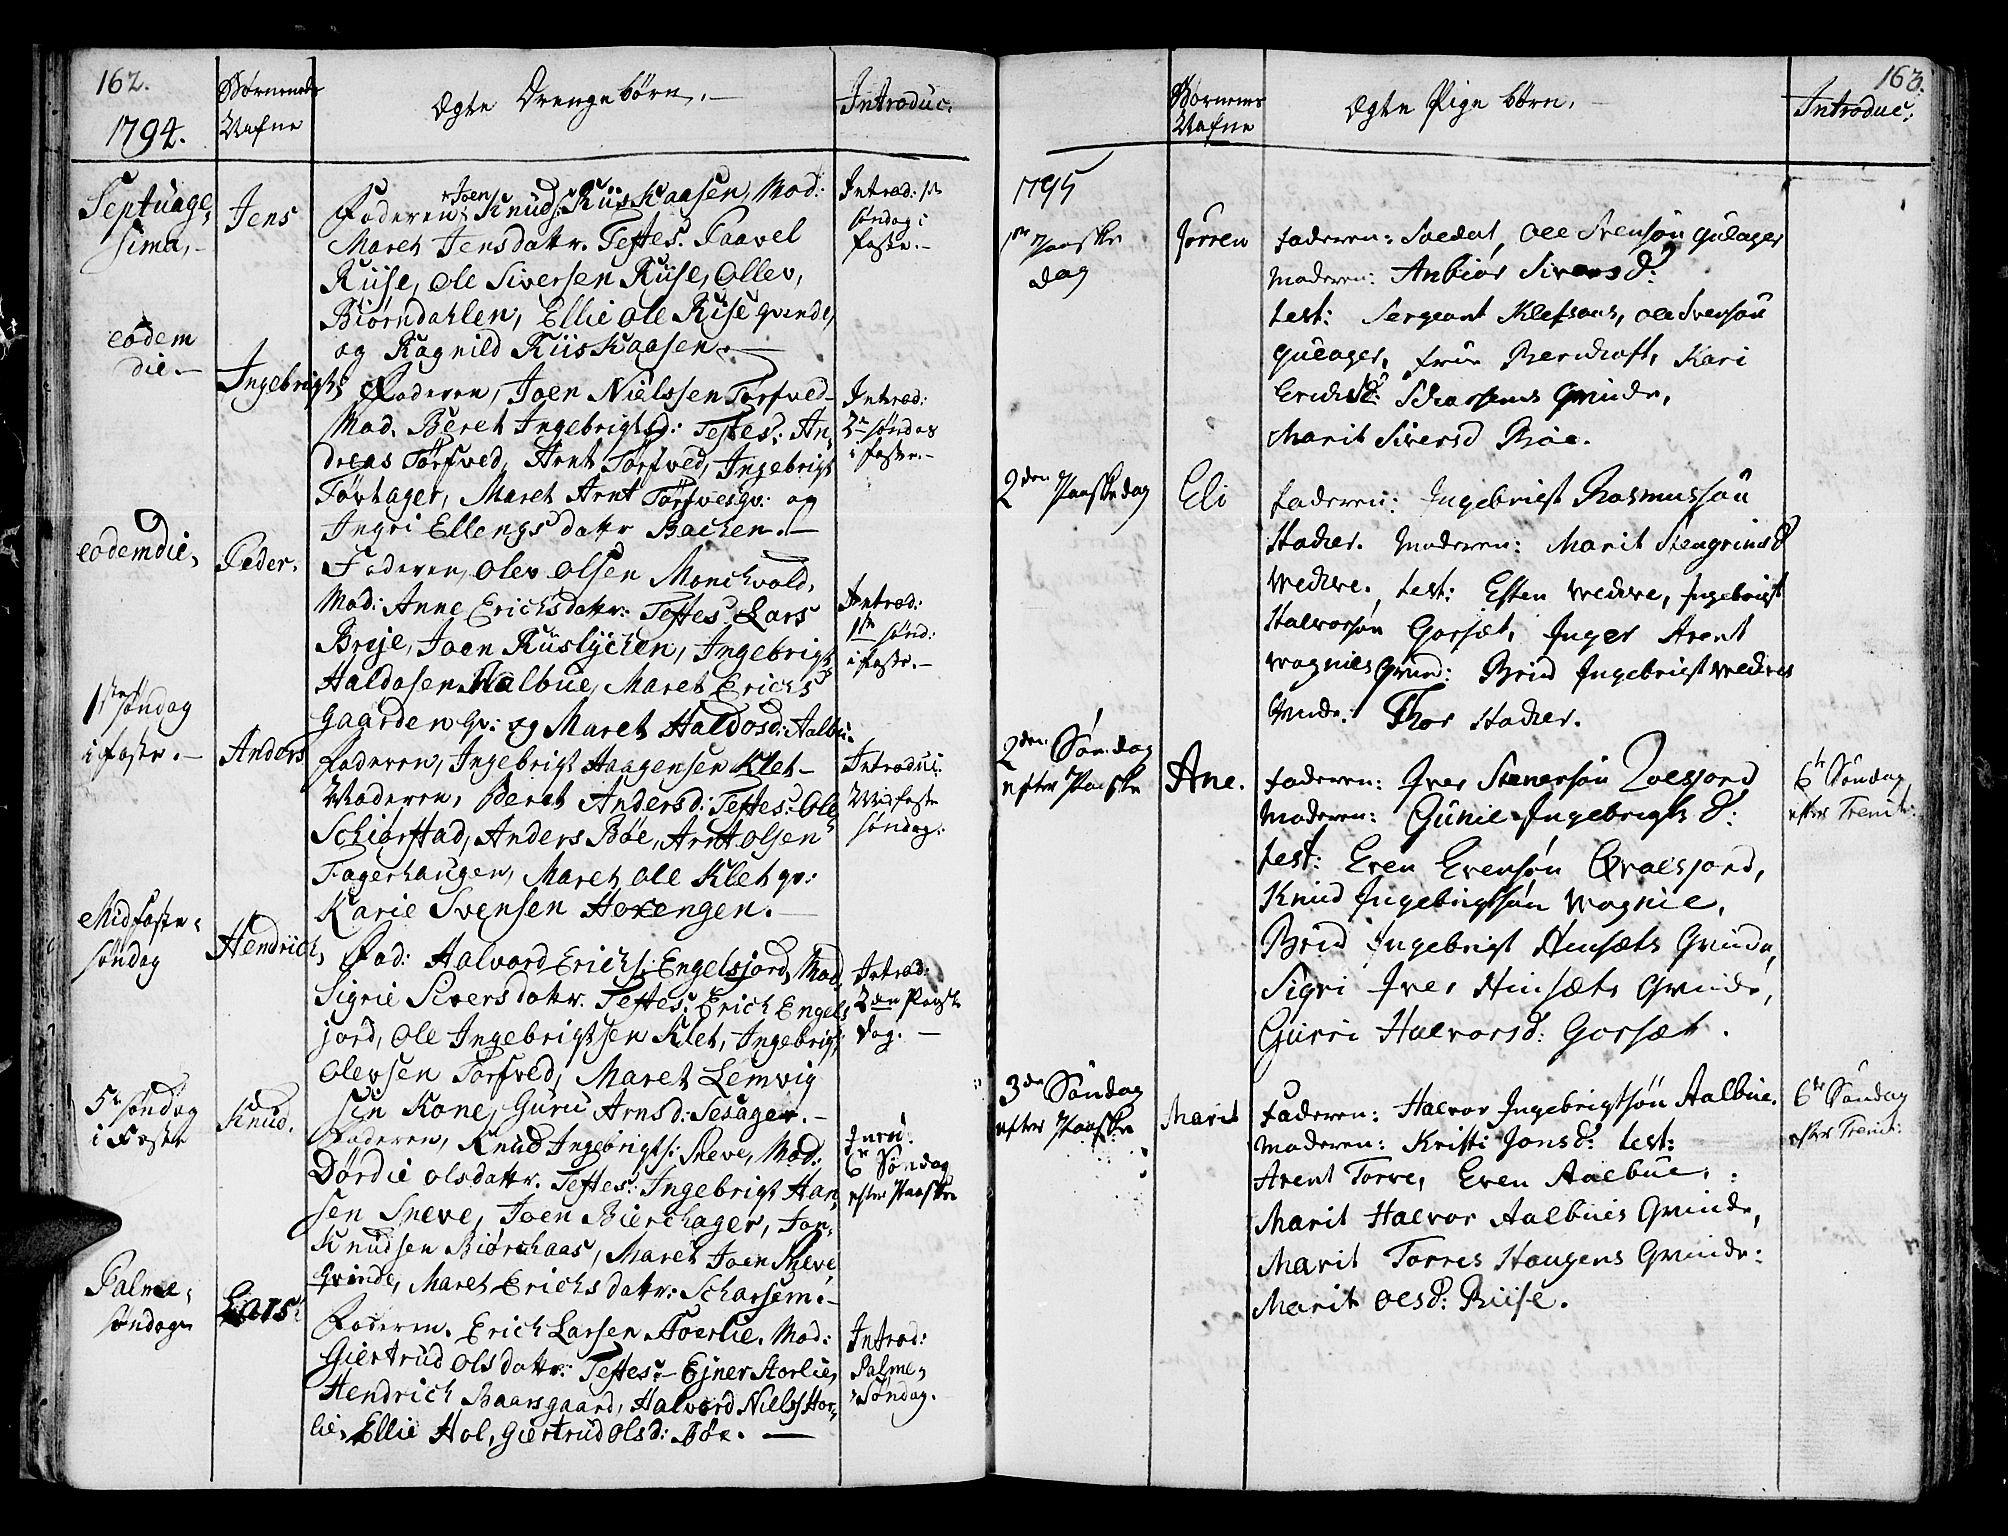 SAT, Ministerialprotokoller, klokkerbøker og fødselsregistre - Sør-Trøndelag, 678/L0893: Ministerialbok nr. 678A03, 1792-1805, s. 162-163